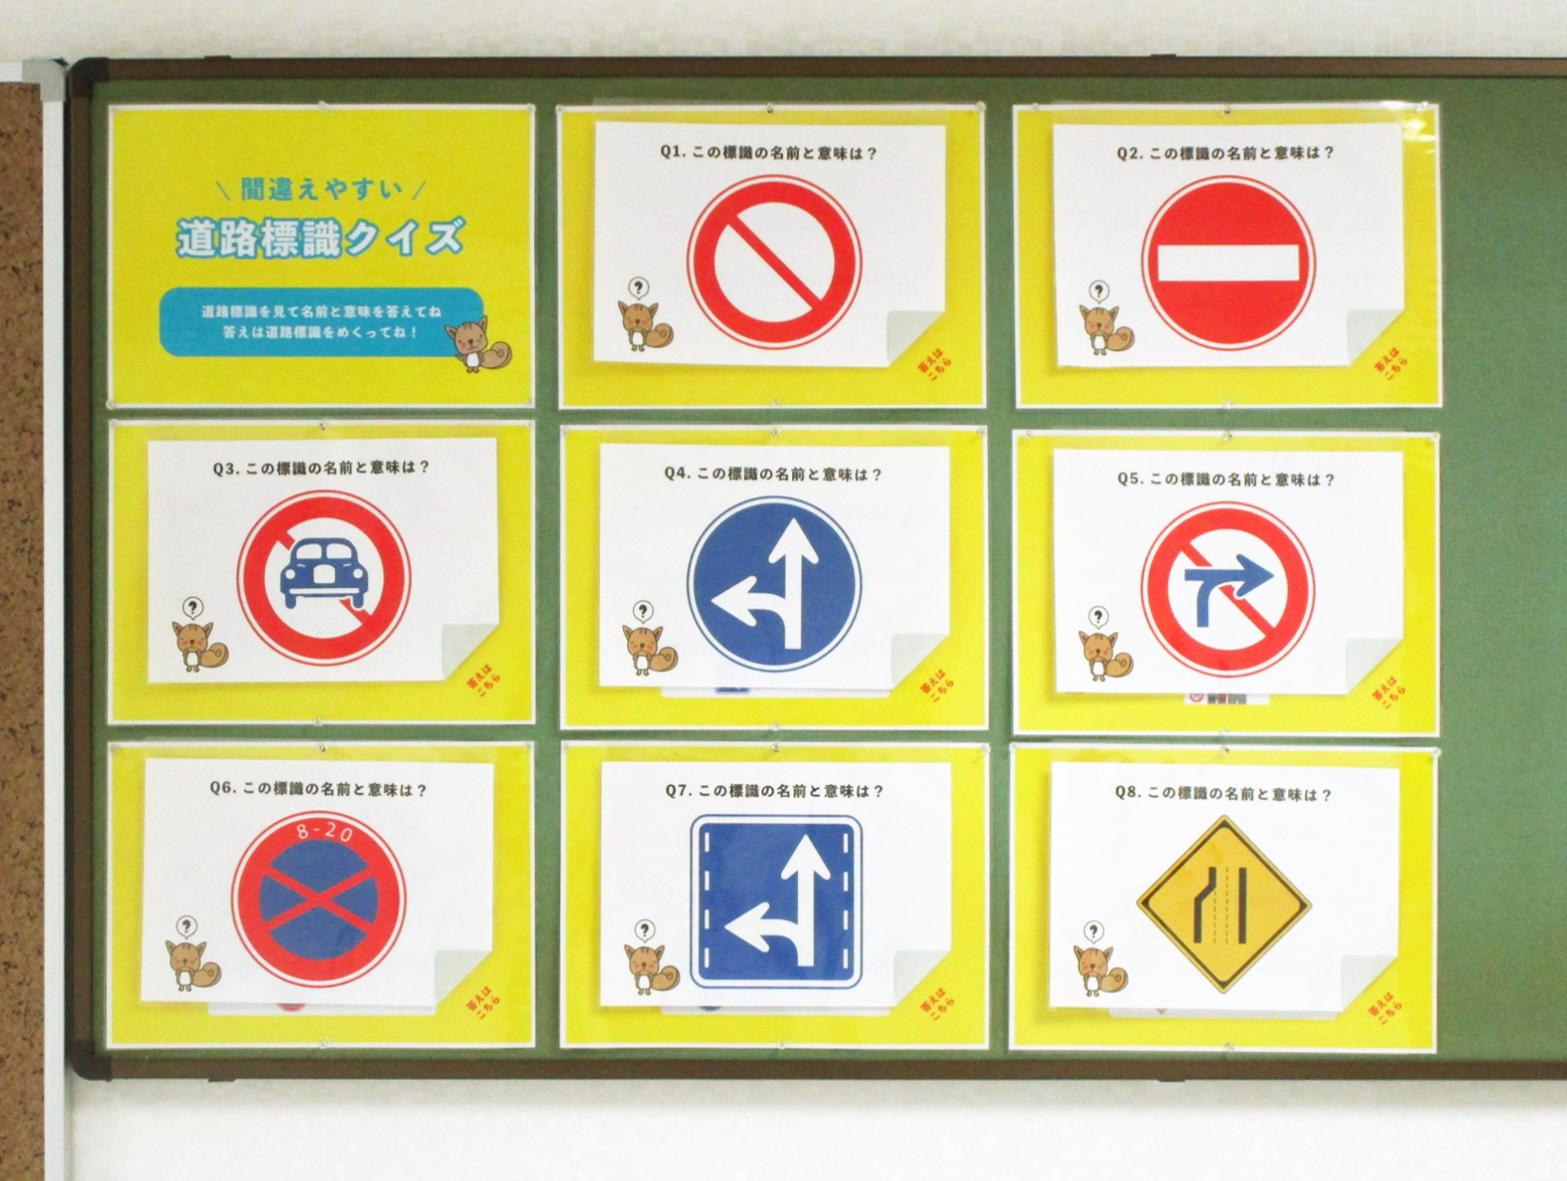 道路標識クイズを設置しました!